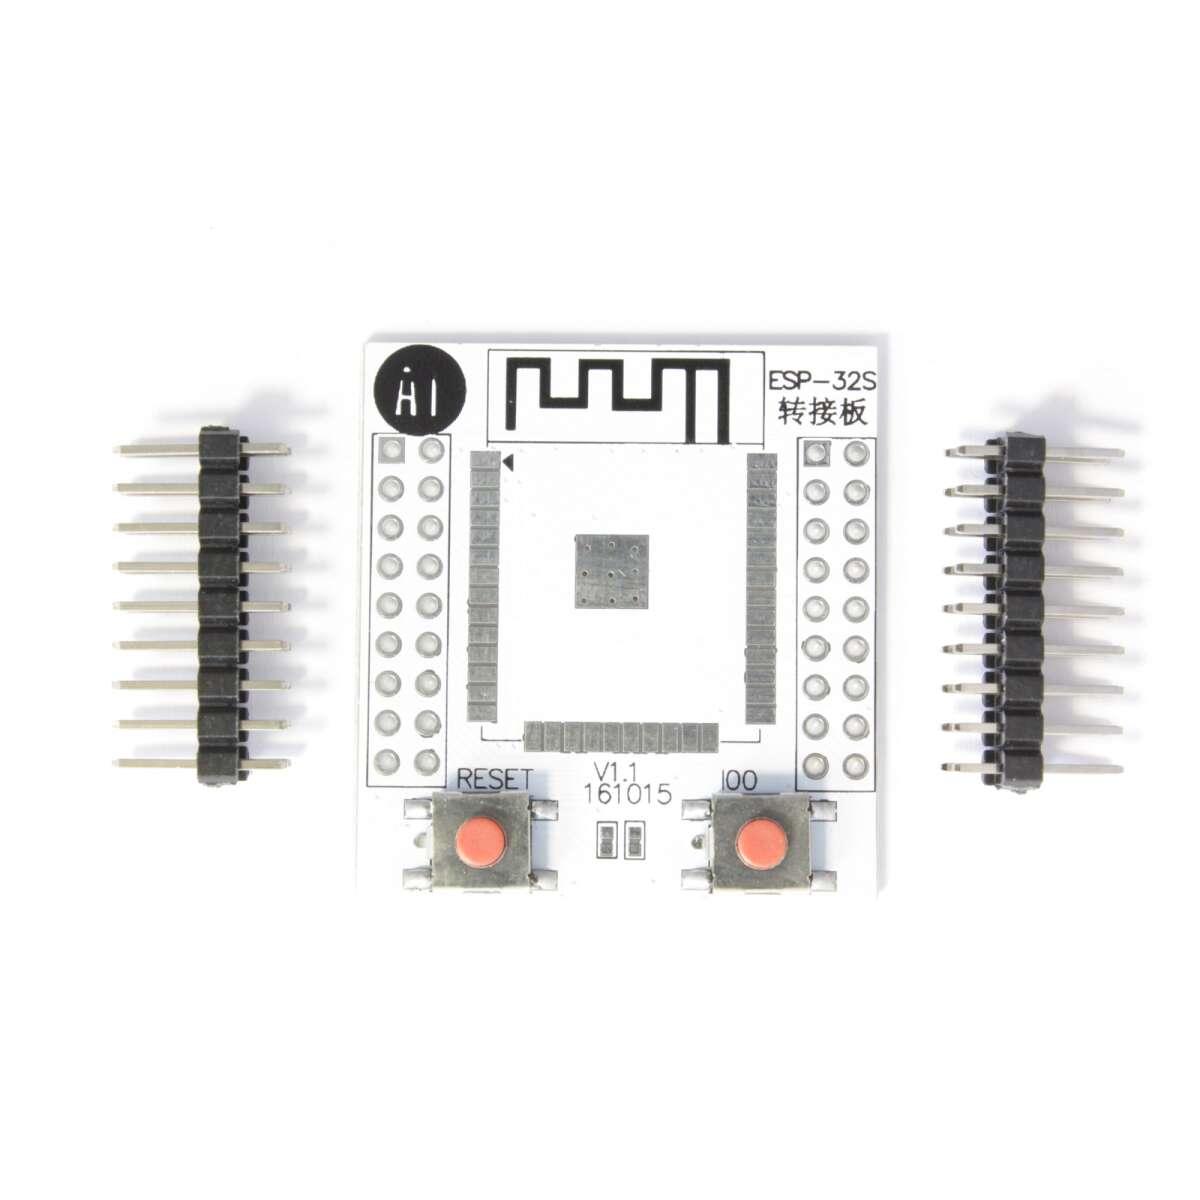 Nett Elektronische Pcb Design Software Kostenloser Download Bilder ...